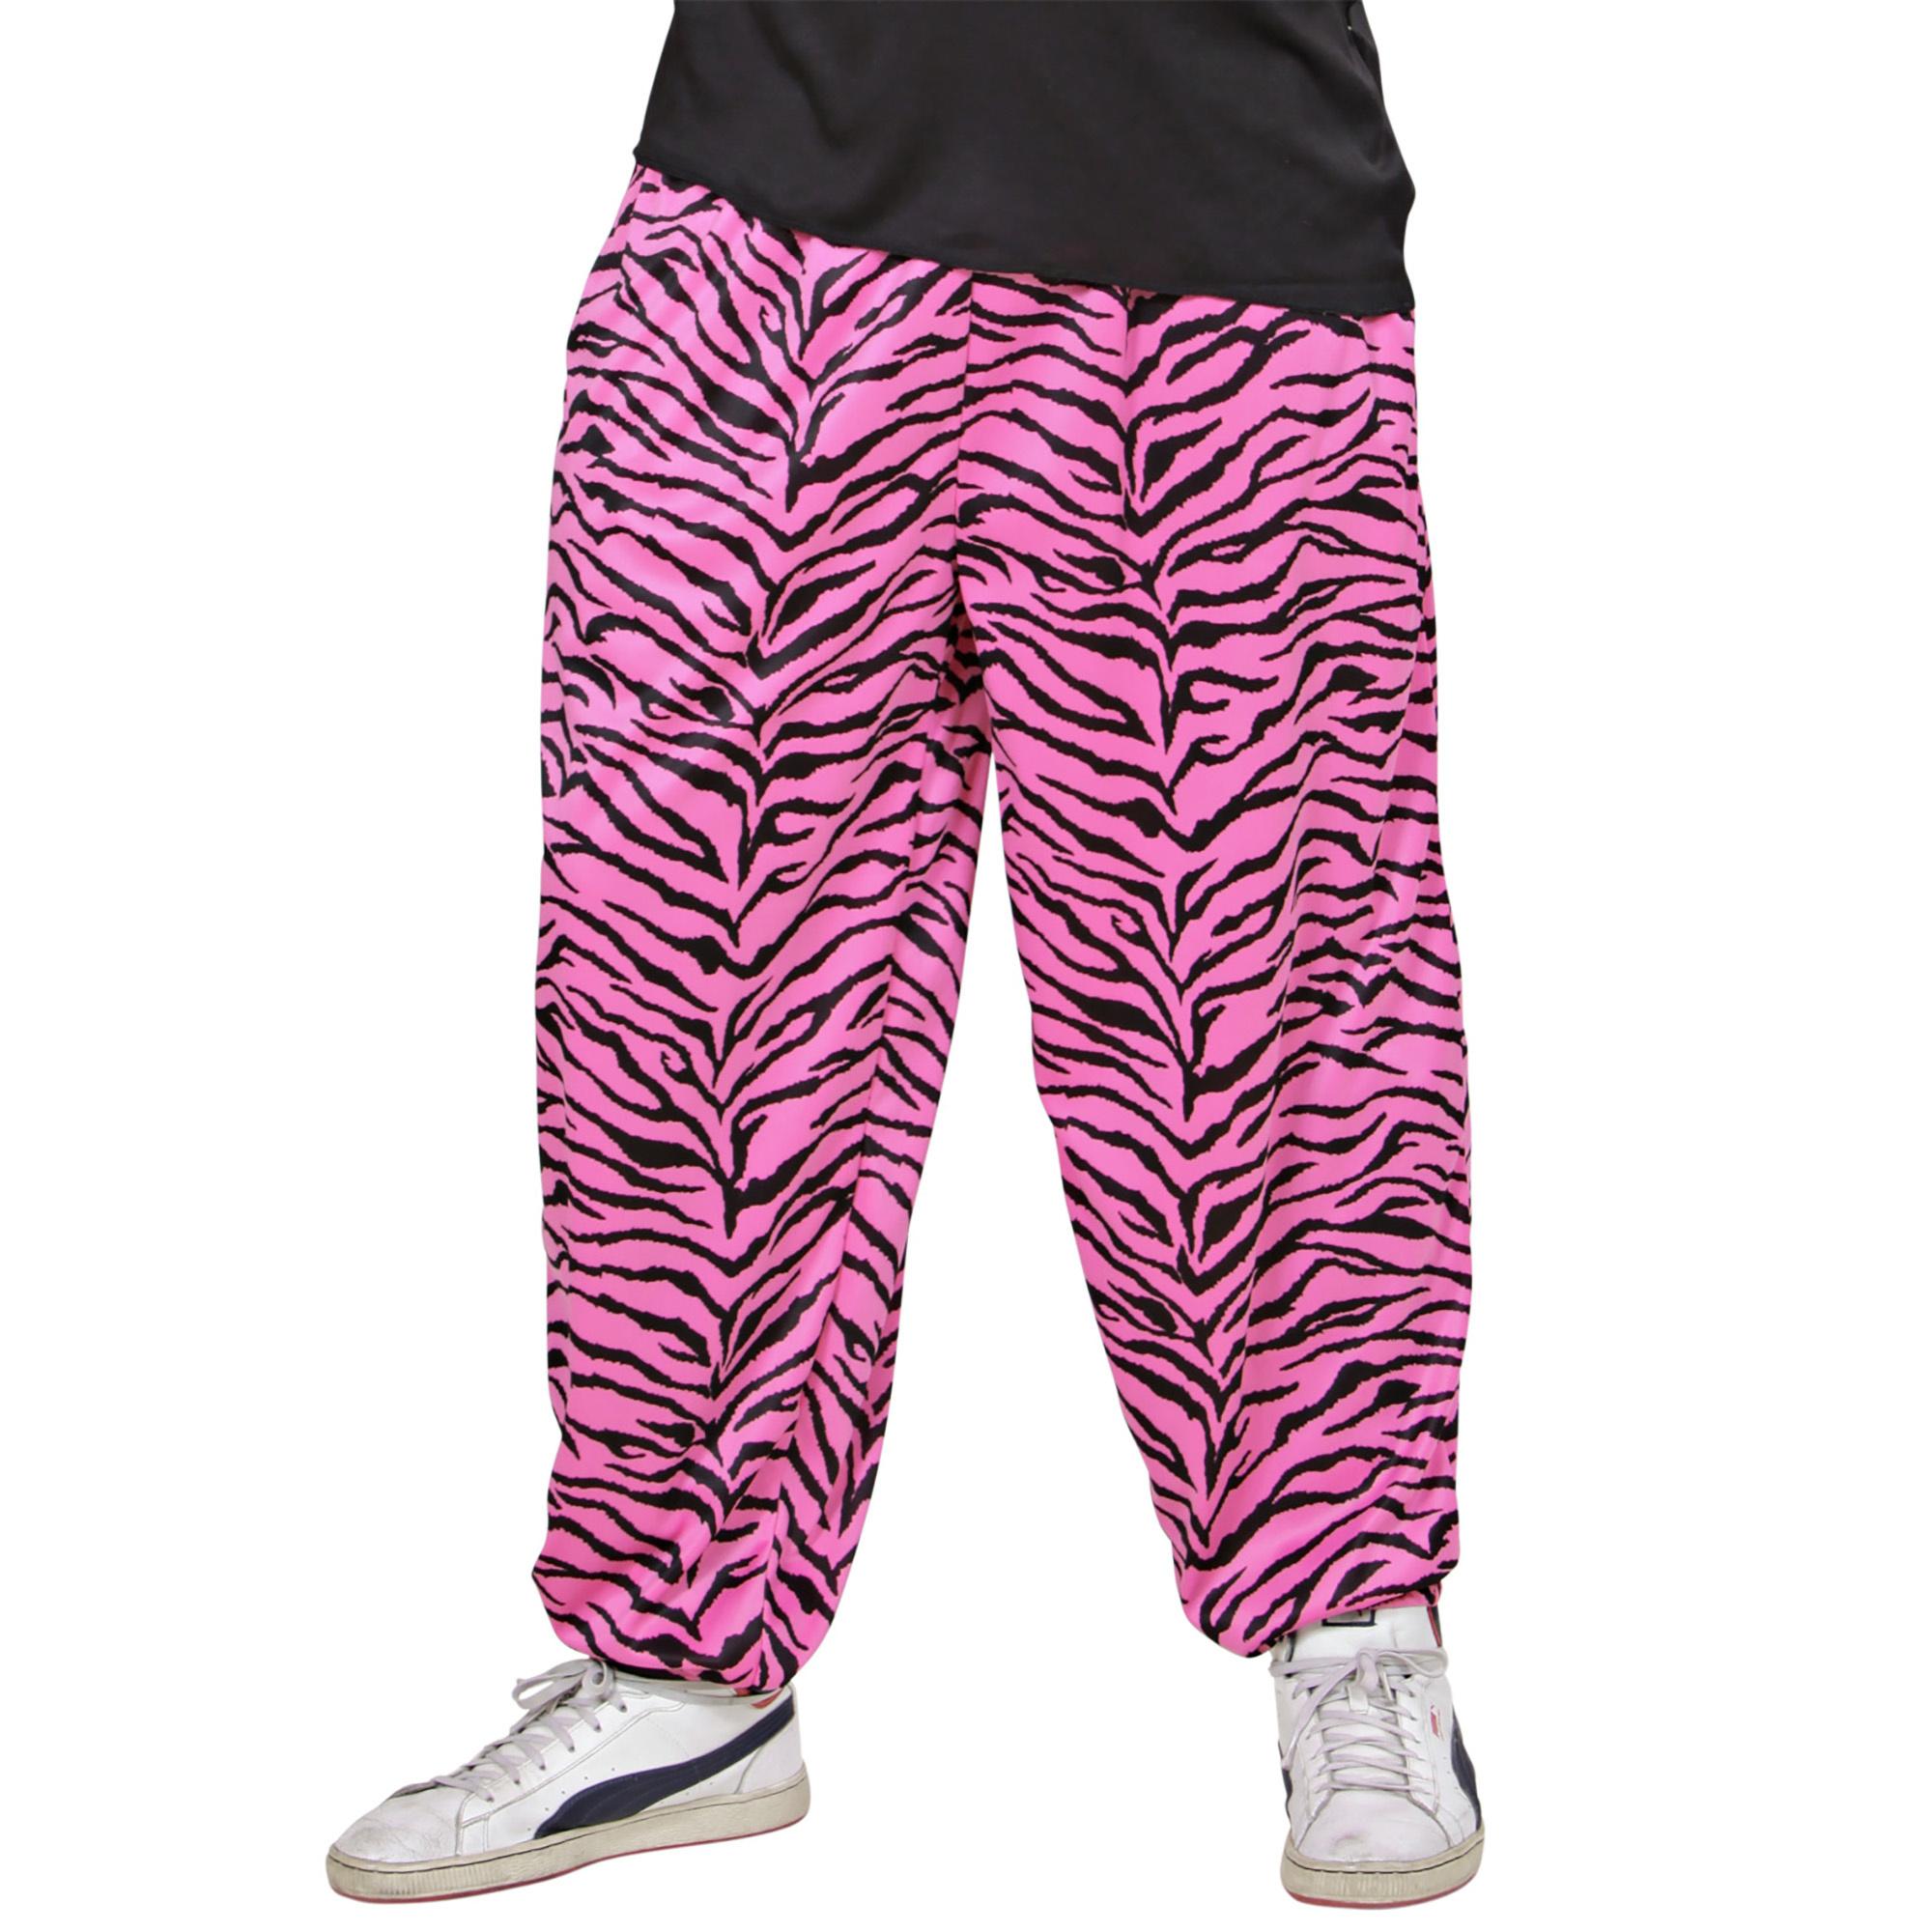 Carnavalskleding: roze zebra broek